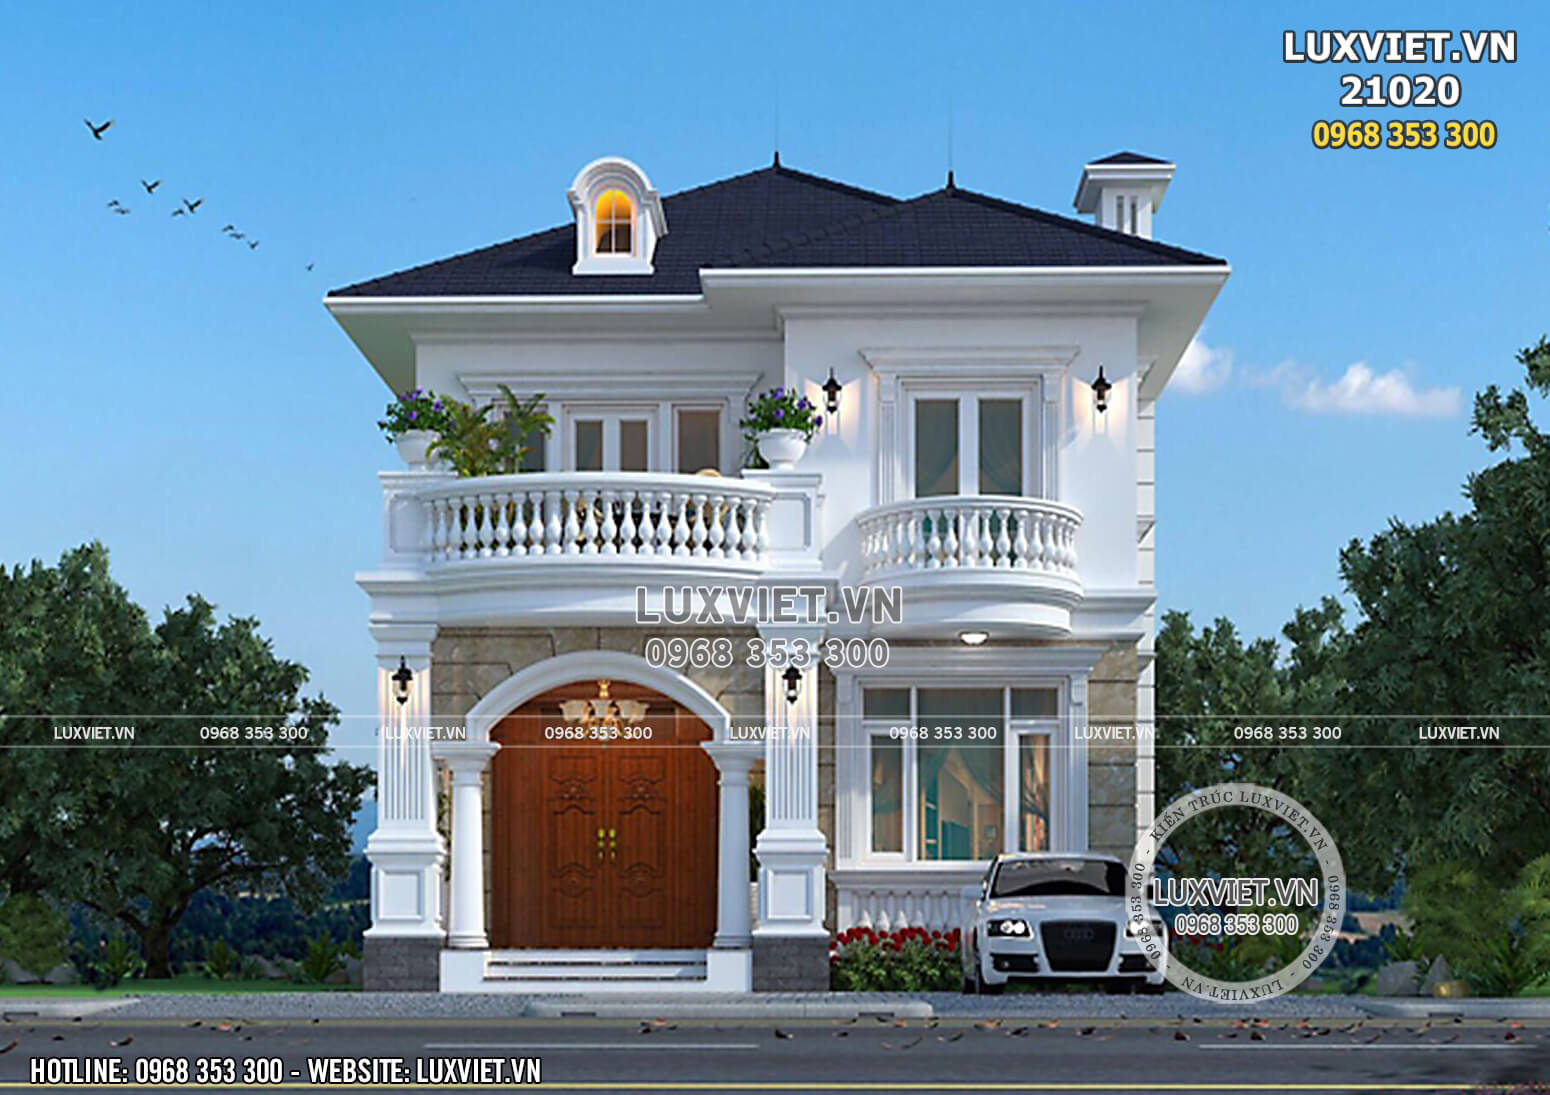 Hình ảnh: Mặt tiền của căn nhà 2 tầng mặt tiền 9m - LV 21020